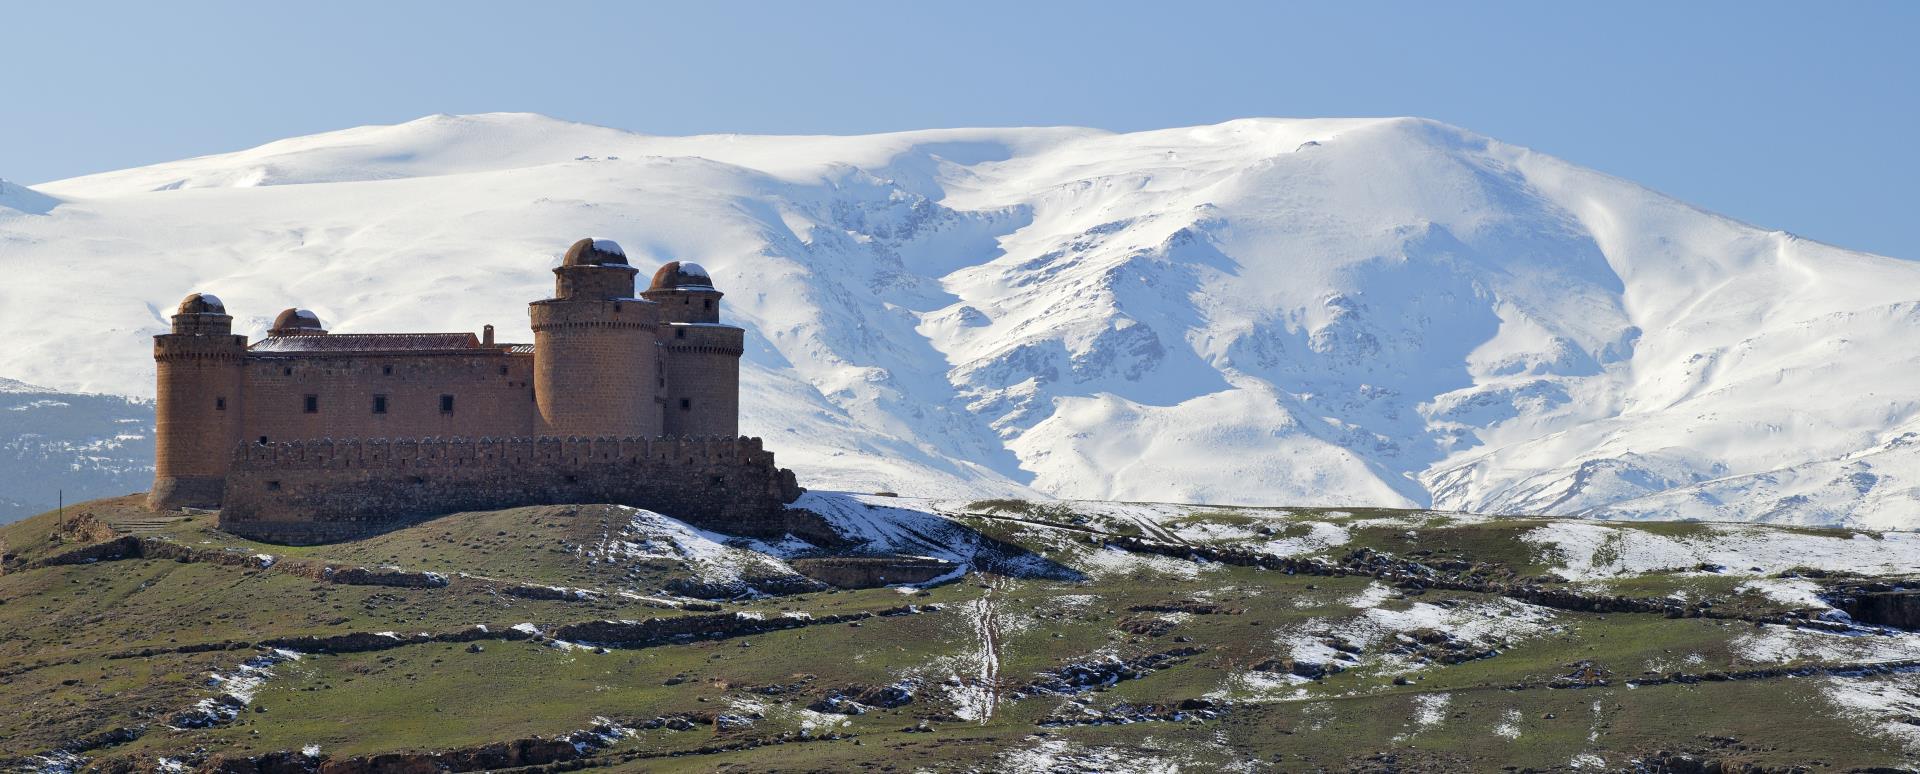 guido-montanes-castillo.jpg